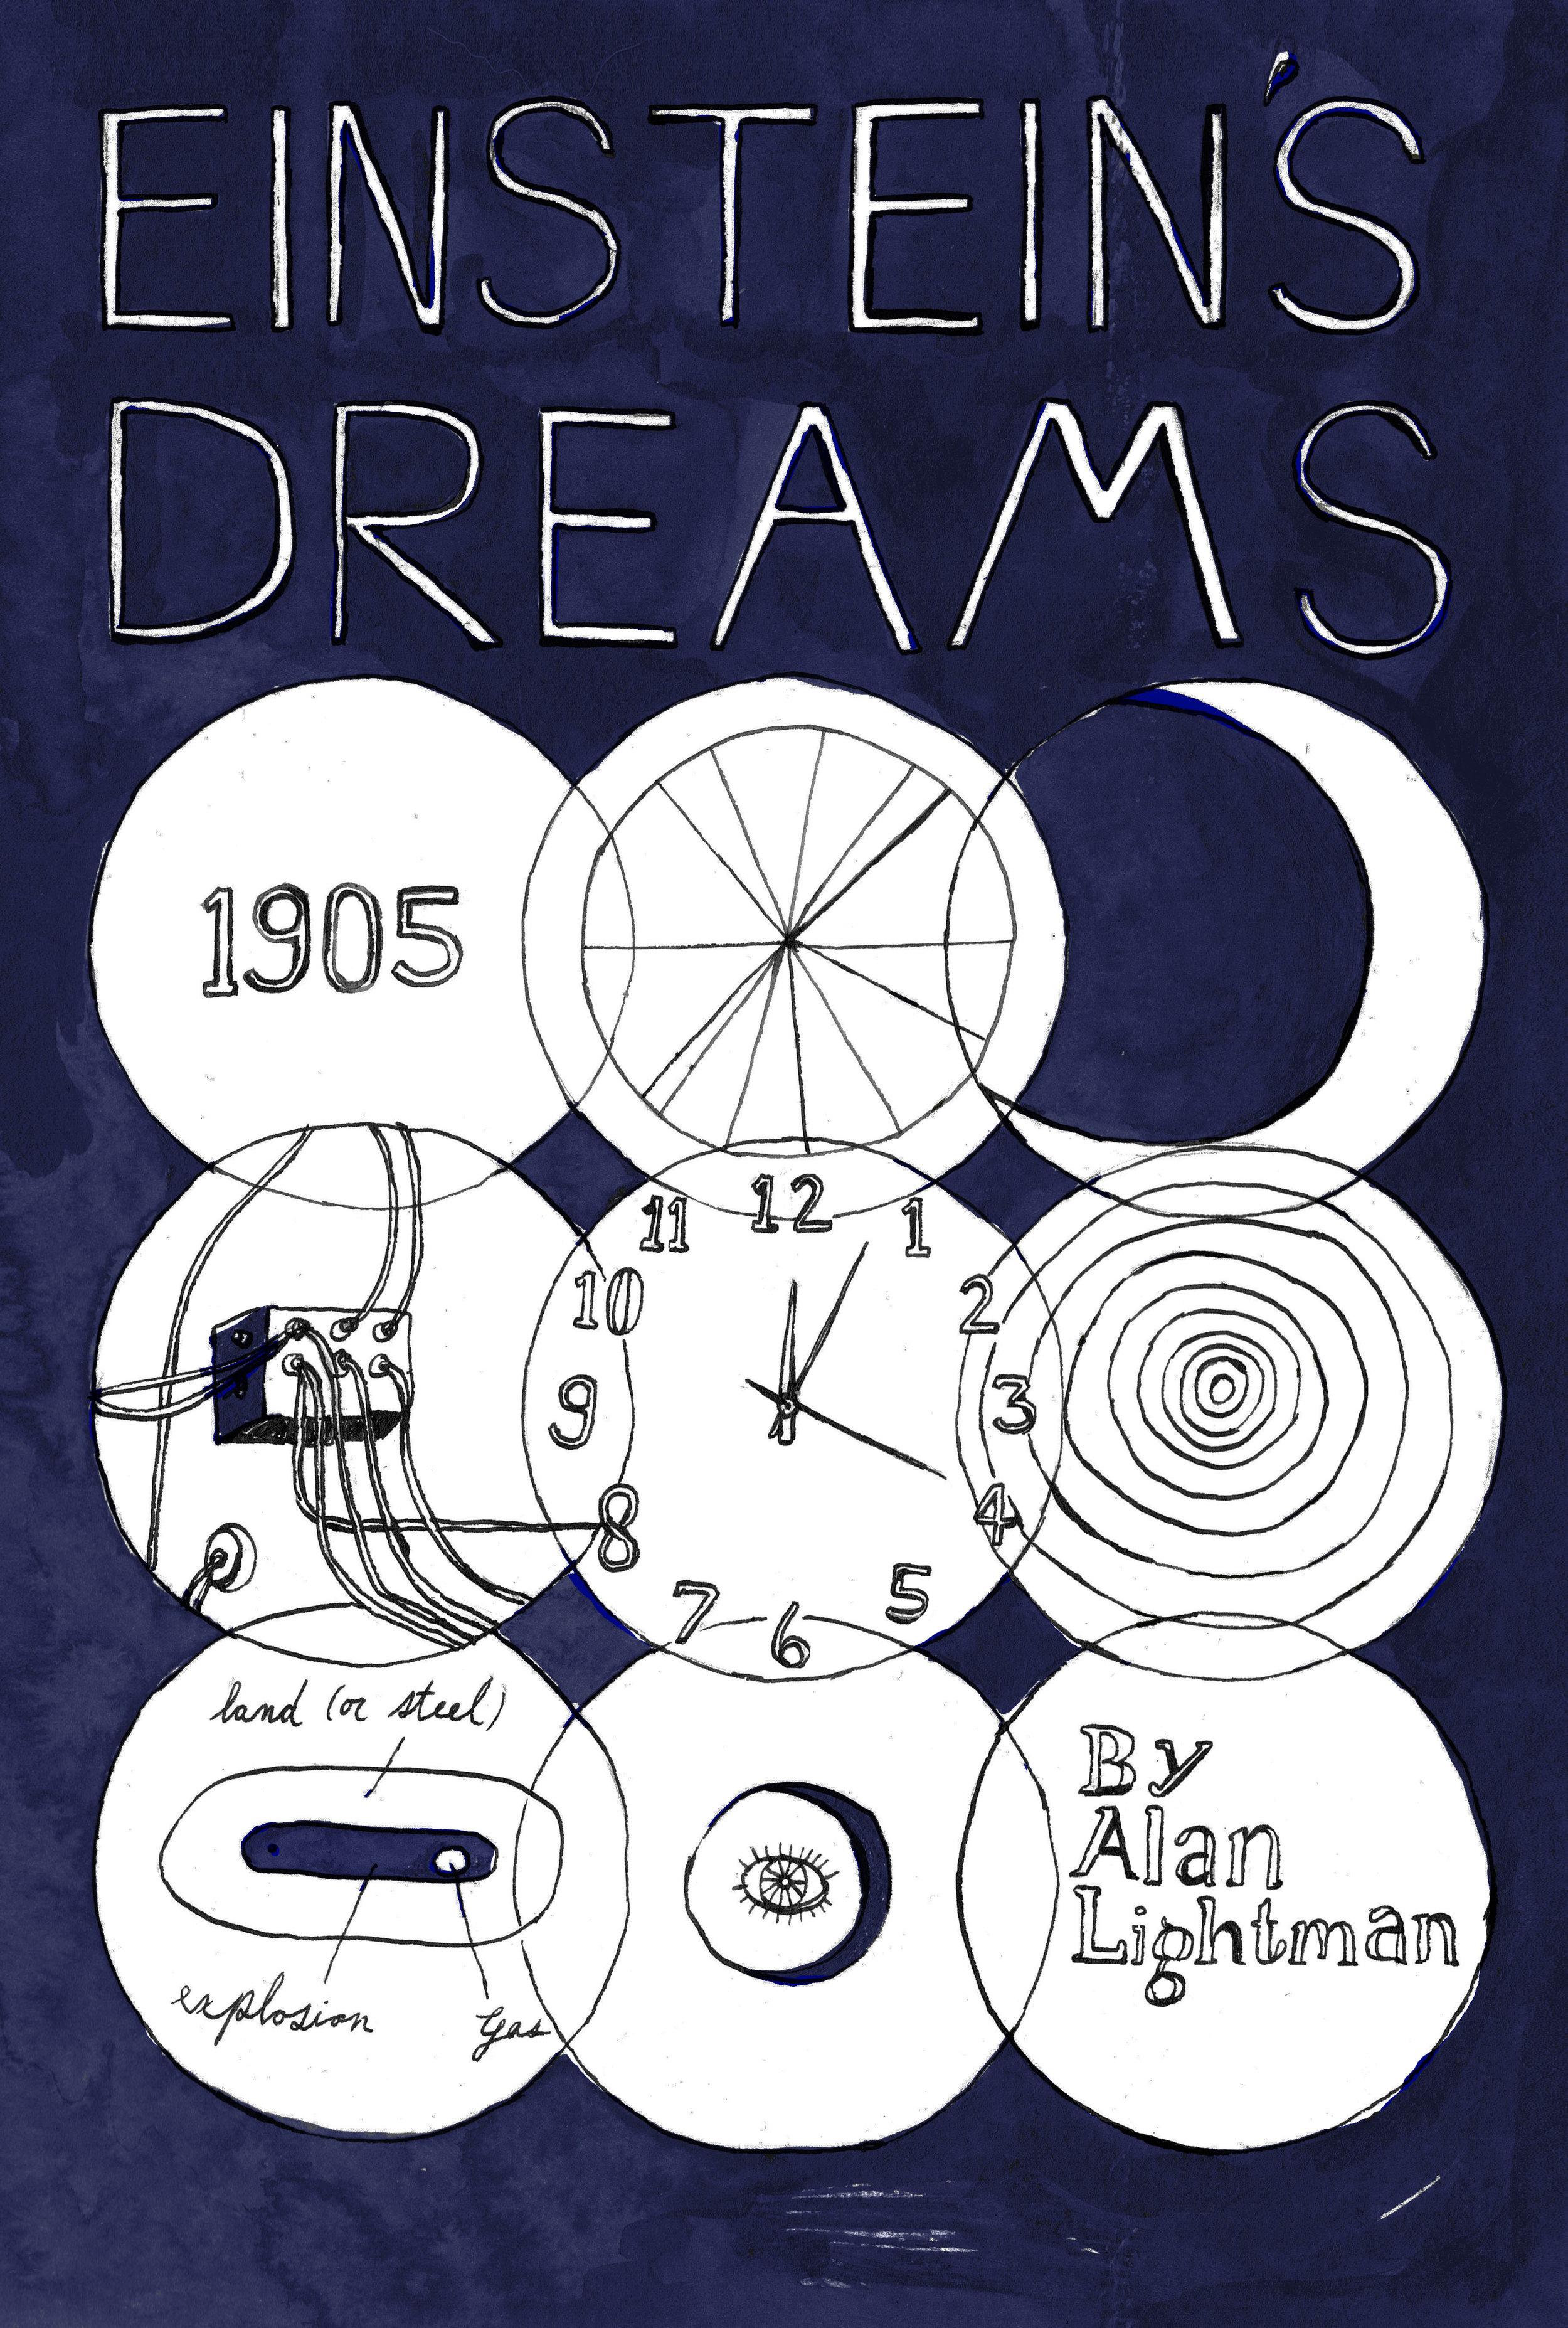 einsteins dreams lydia mamalis 1.jpg